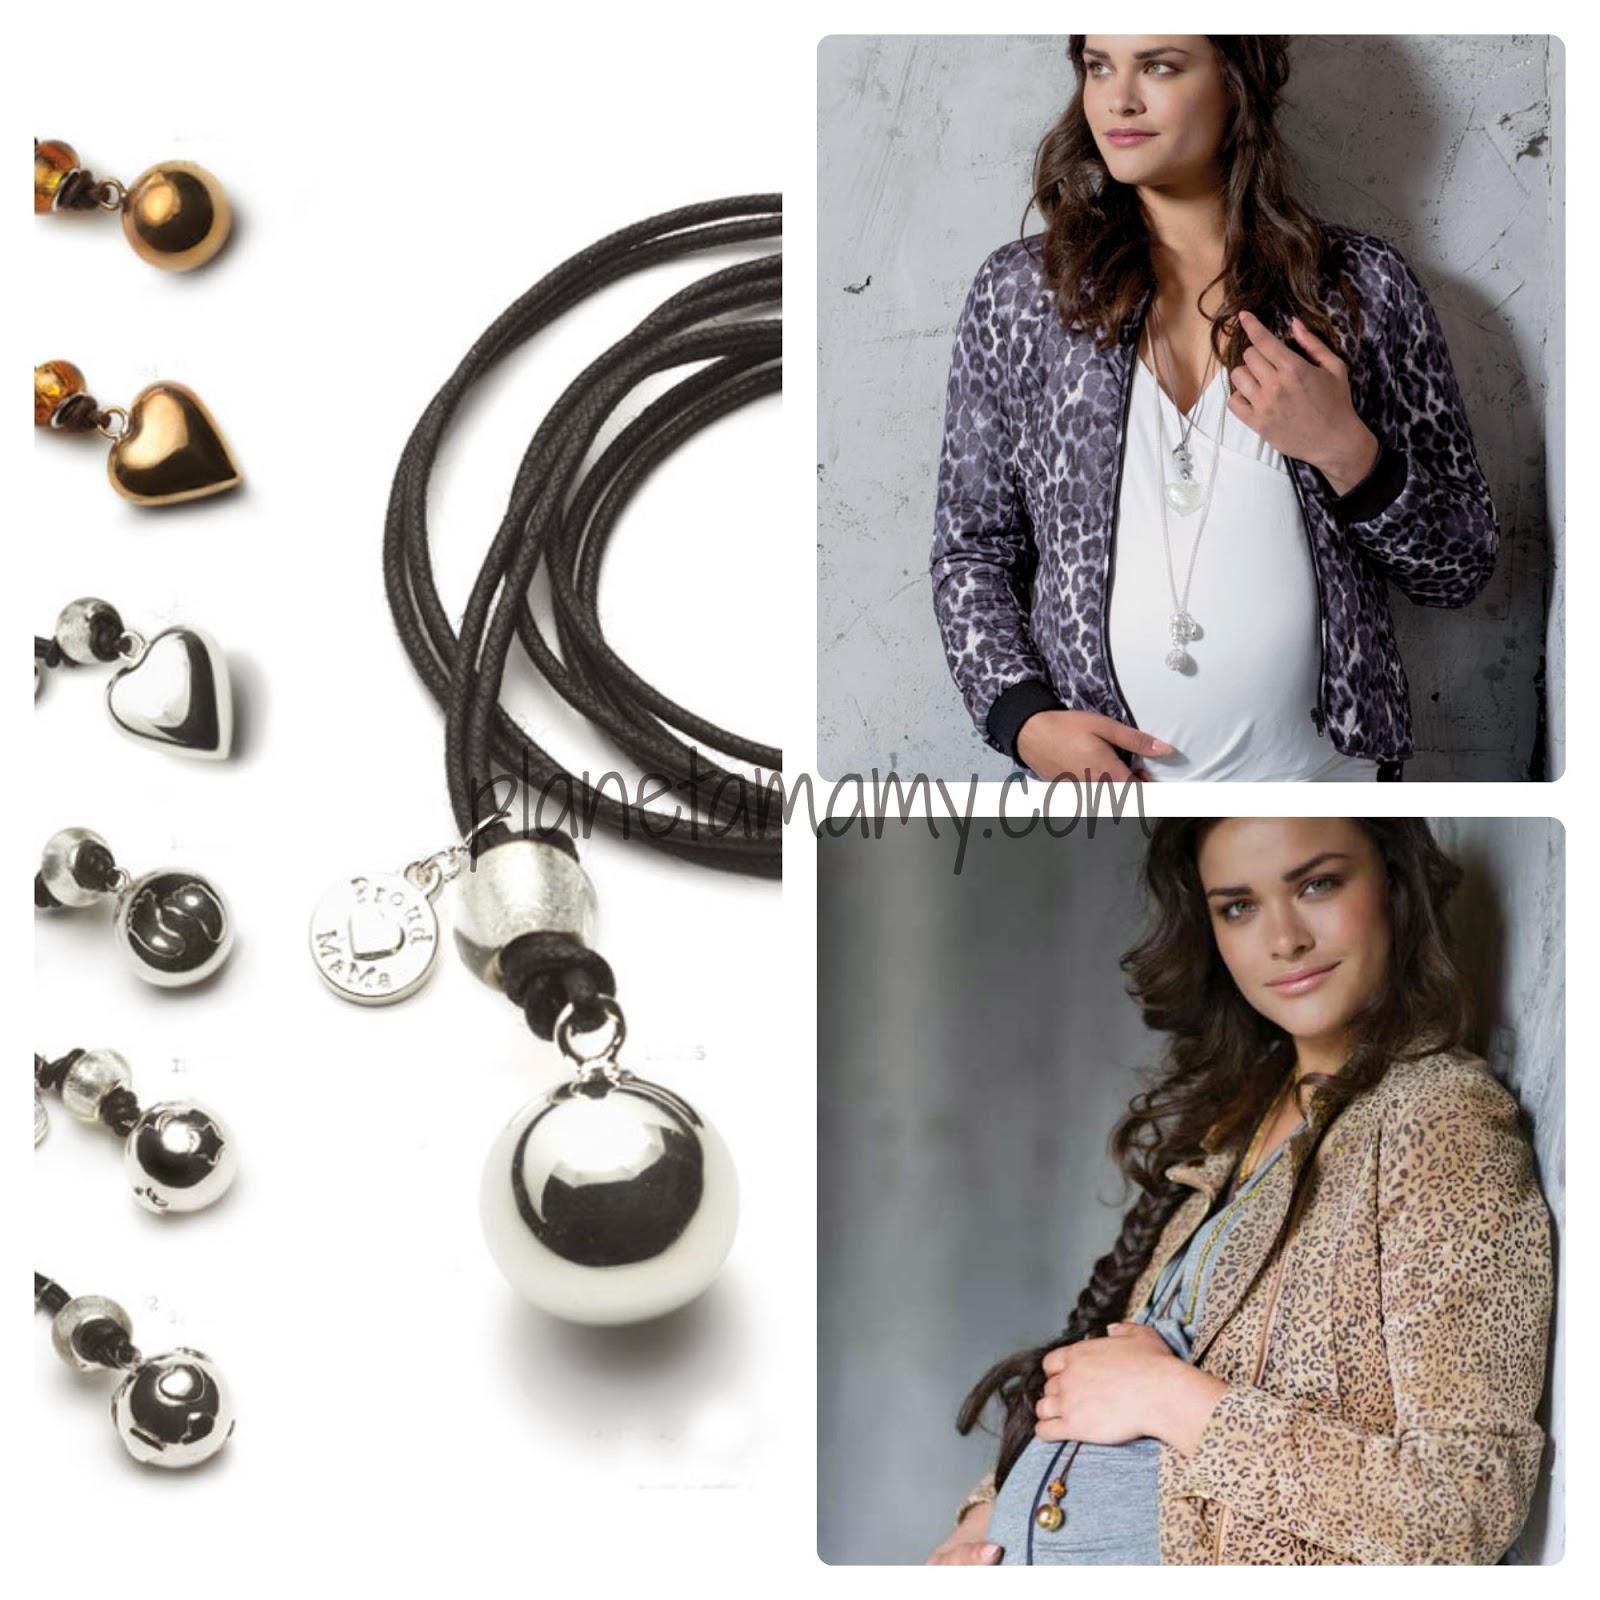 de este estilo otro buen regalo para un embarazada y con mucha vida til son los collares de lactancia ya que durante el embarazo sirven a la mam como